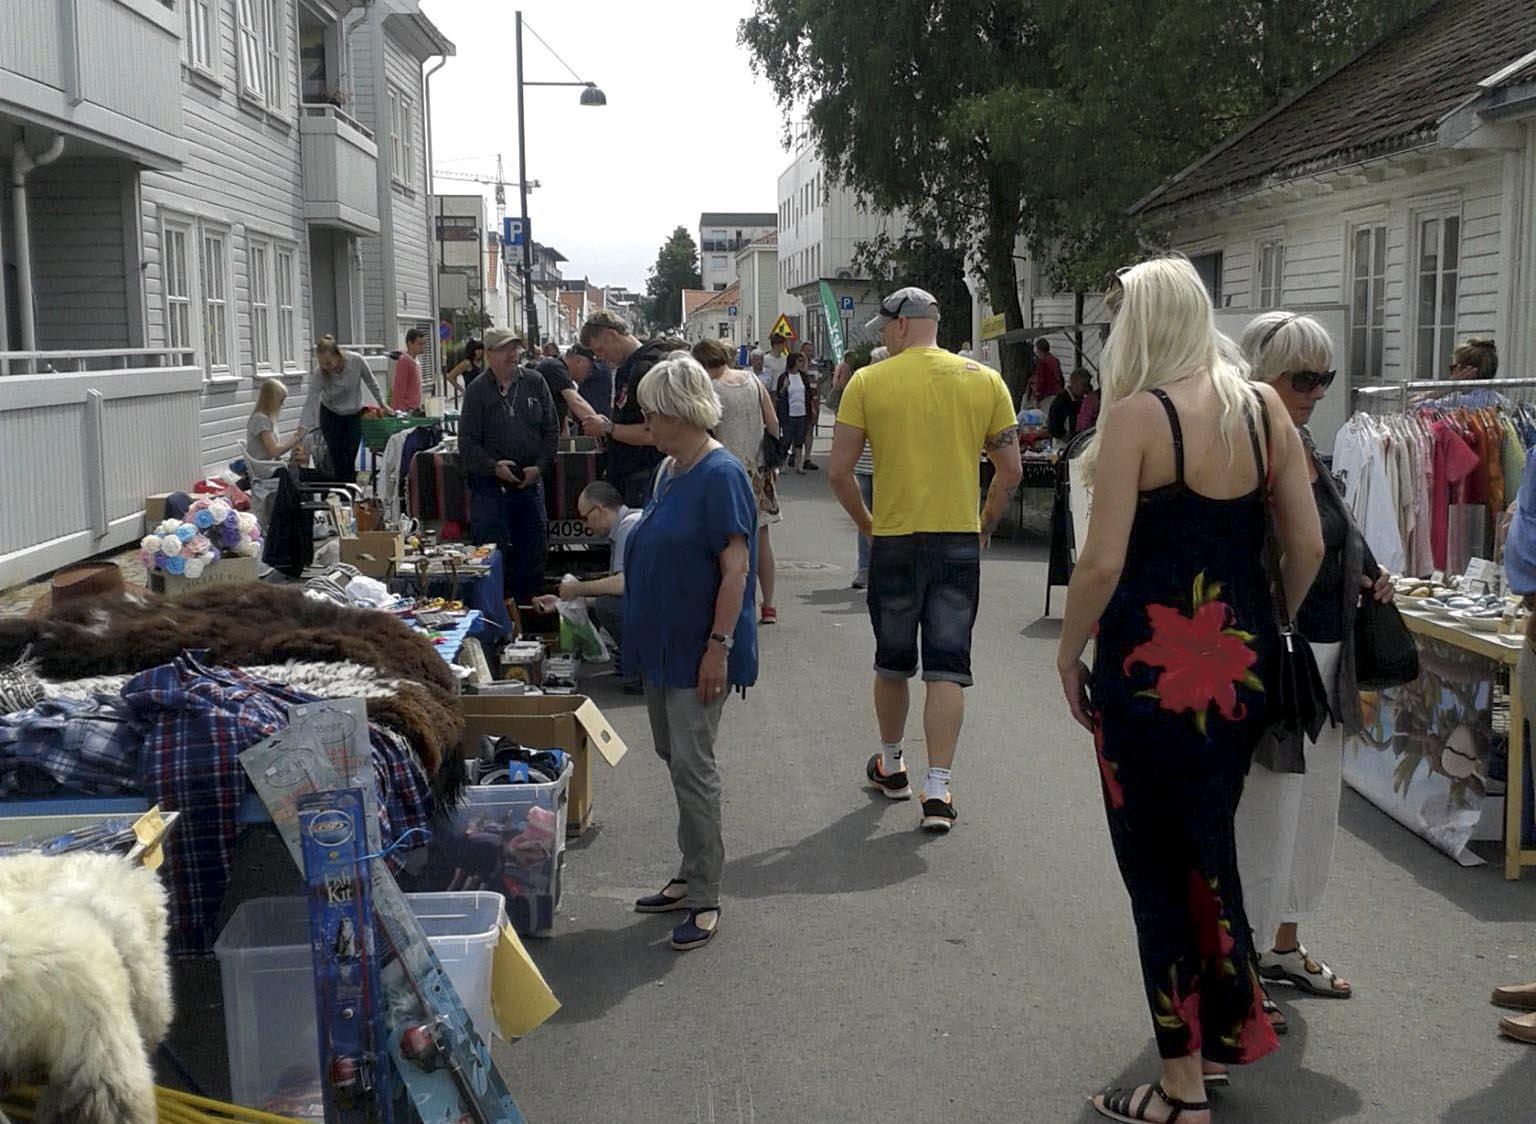 ÅPNET IGJEN: Posebymarkedet Har åpnet Igjen. Hver Lørdag Frem Til 11. August Vil Du Finne Lopper  Og Andre Kuriositeter Her.